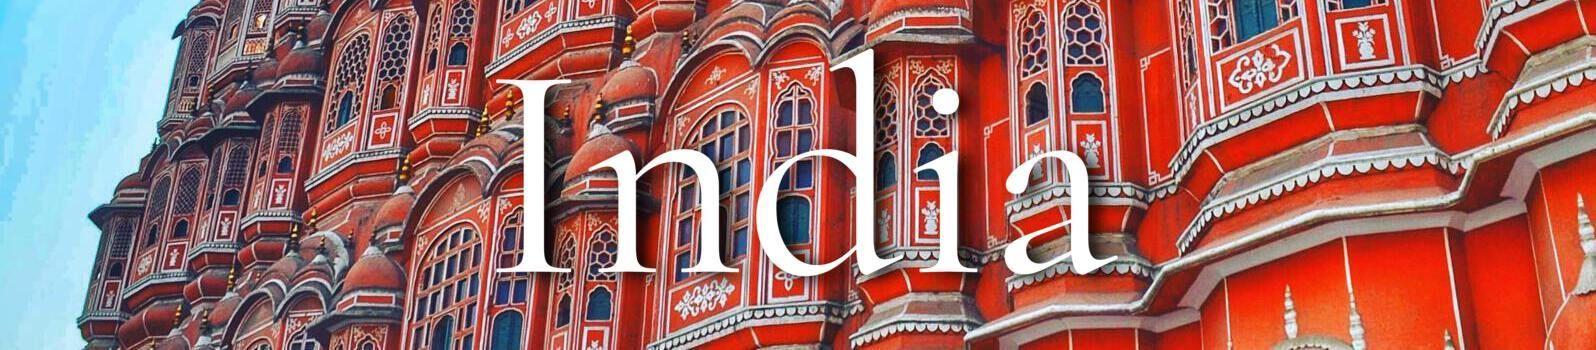 Rood gebouw met tekst India